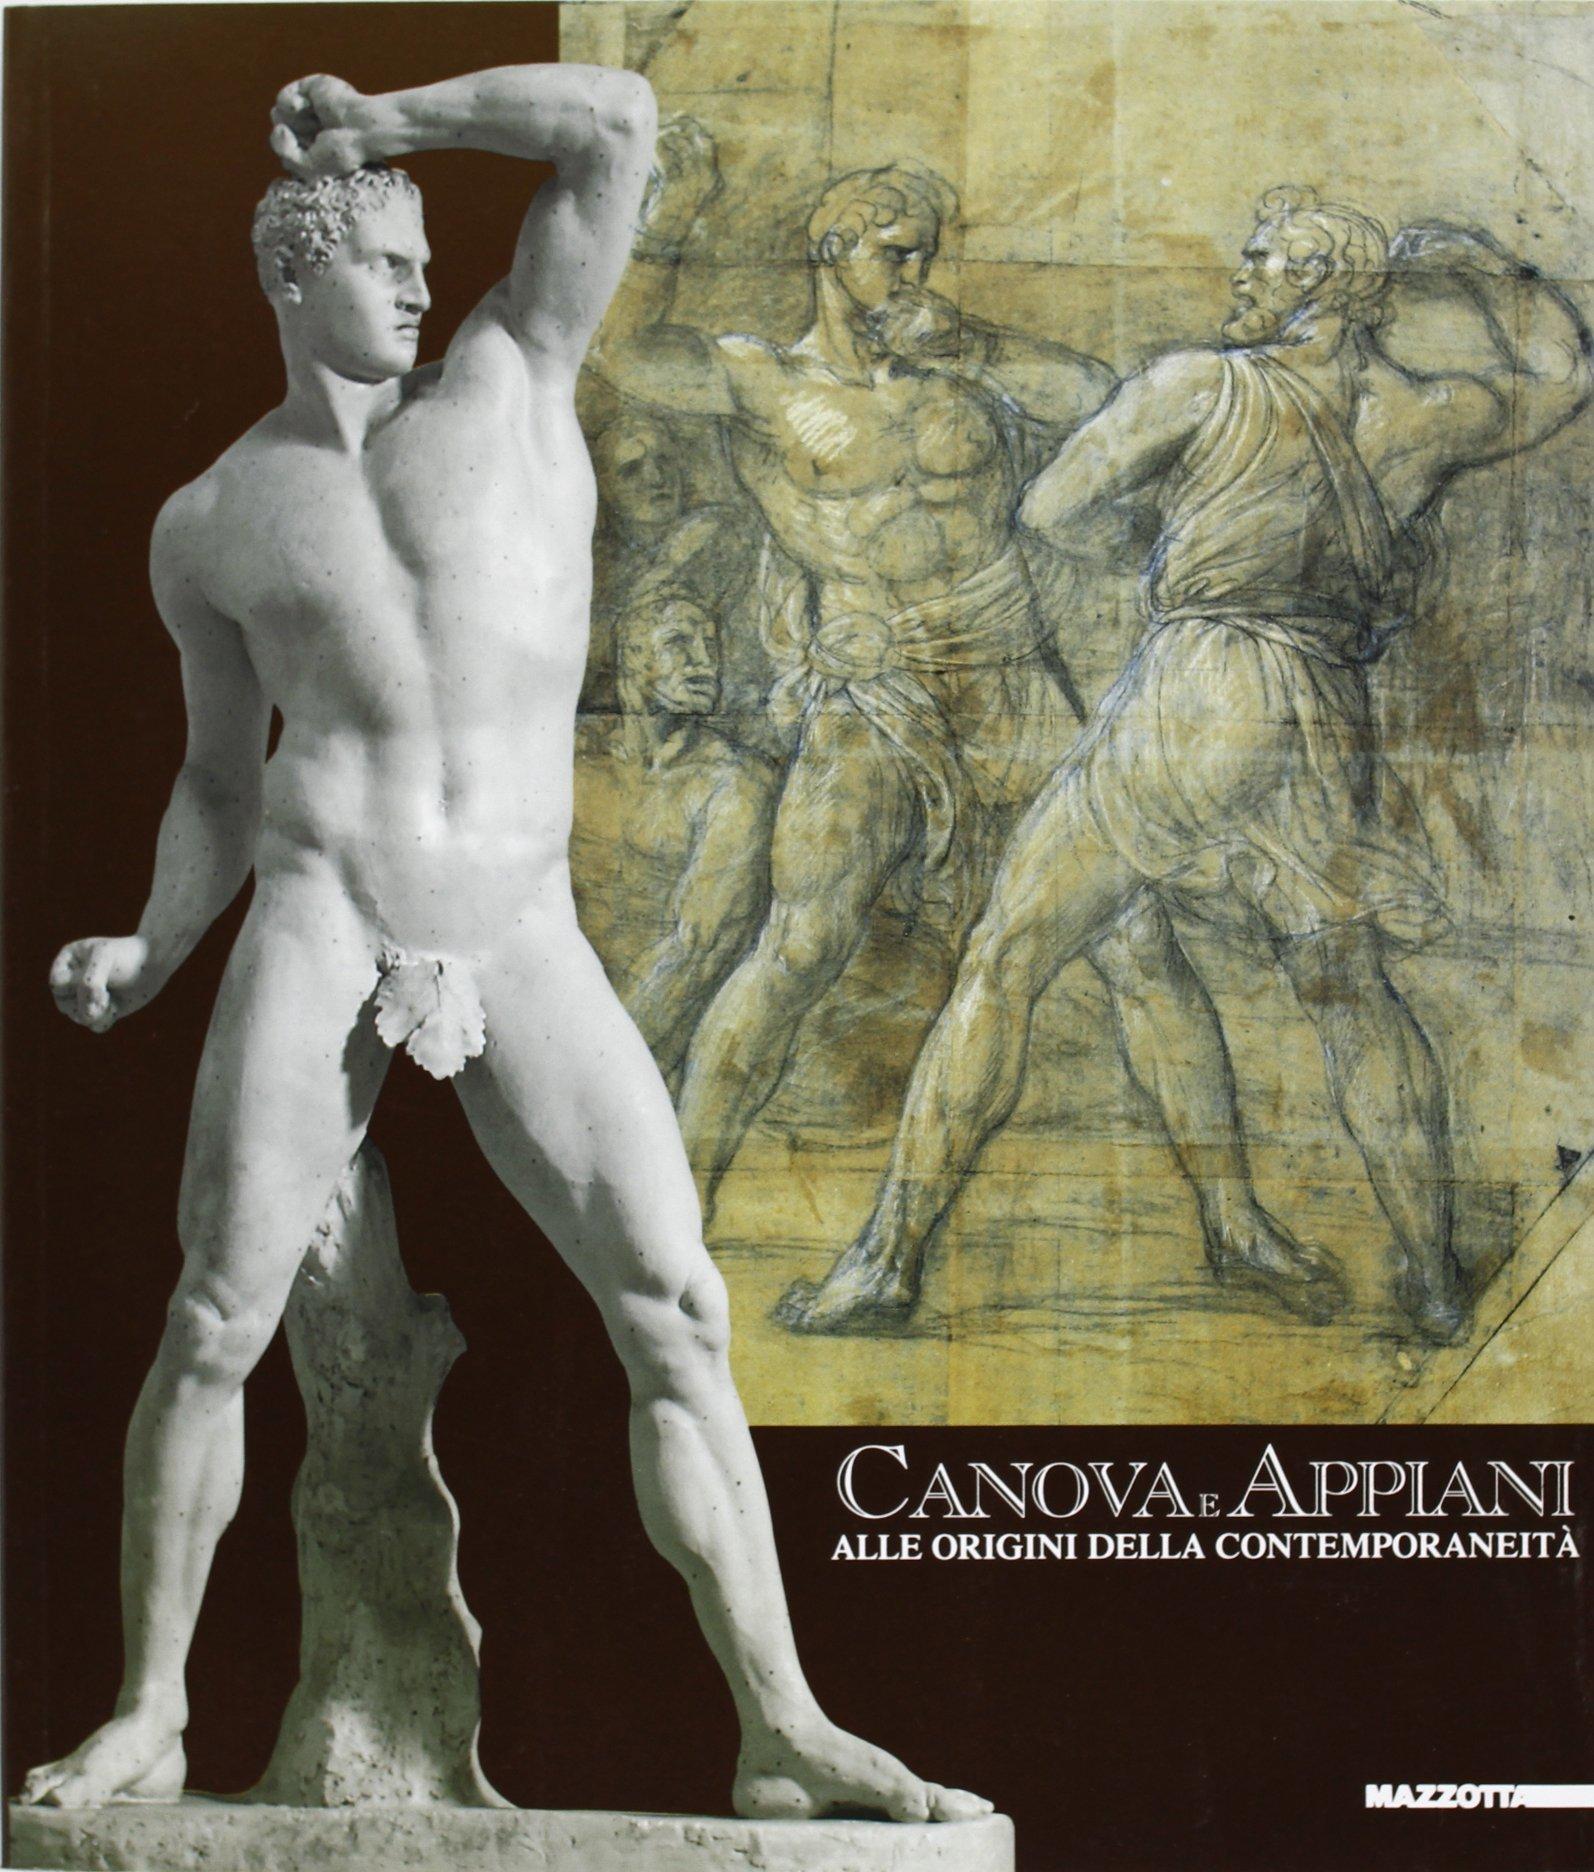 Canova e Appiani: Alle origini della contemporaneità